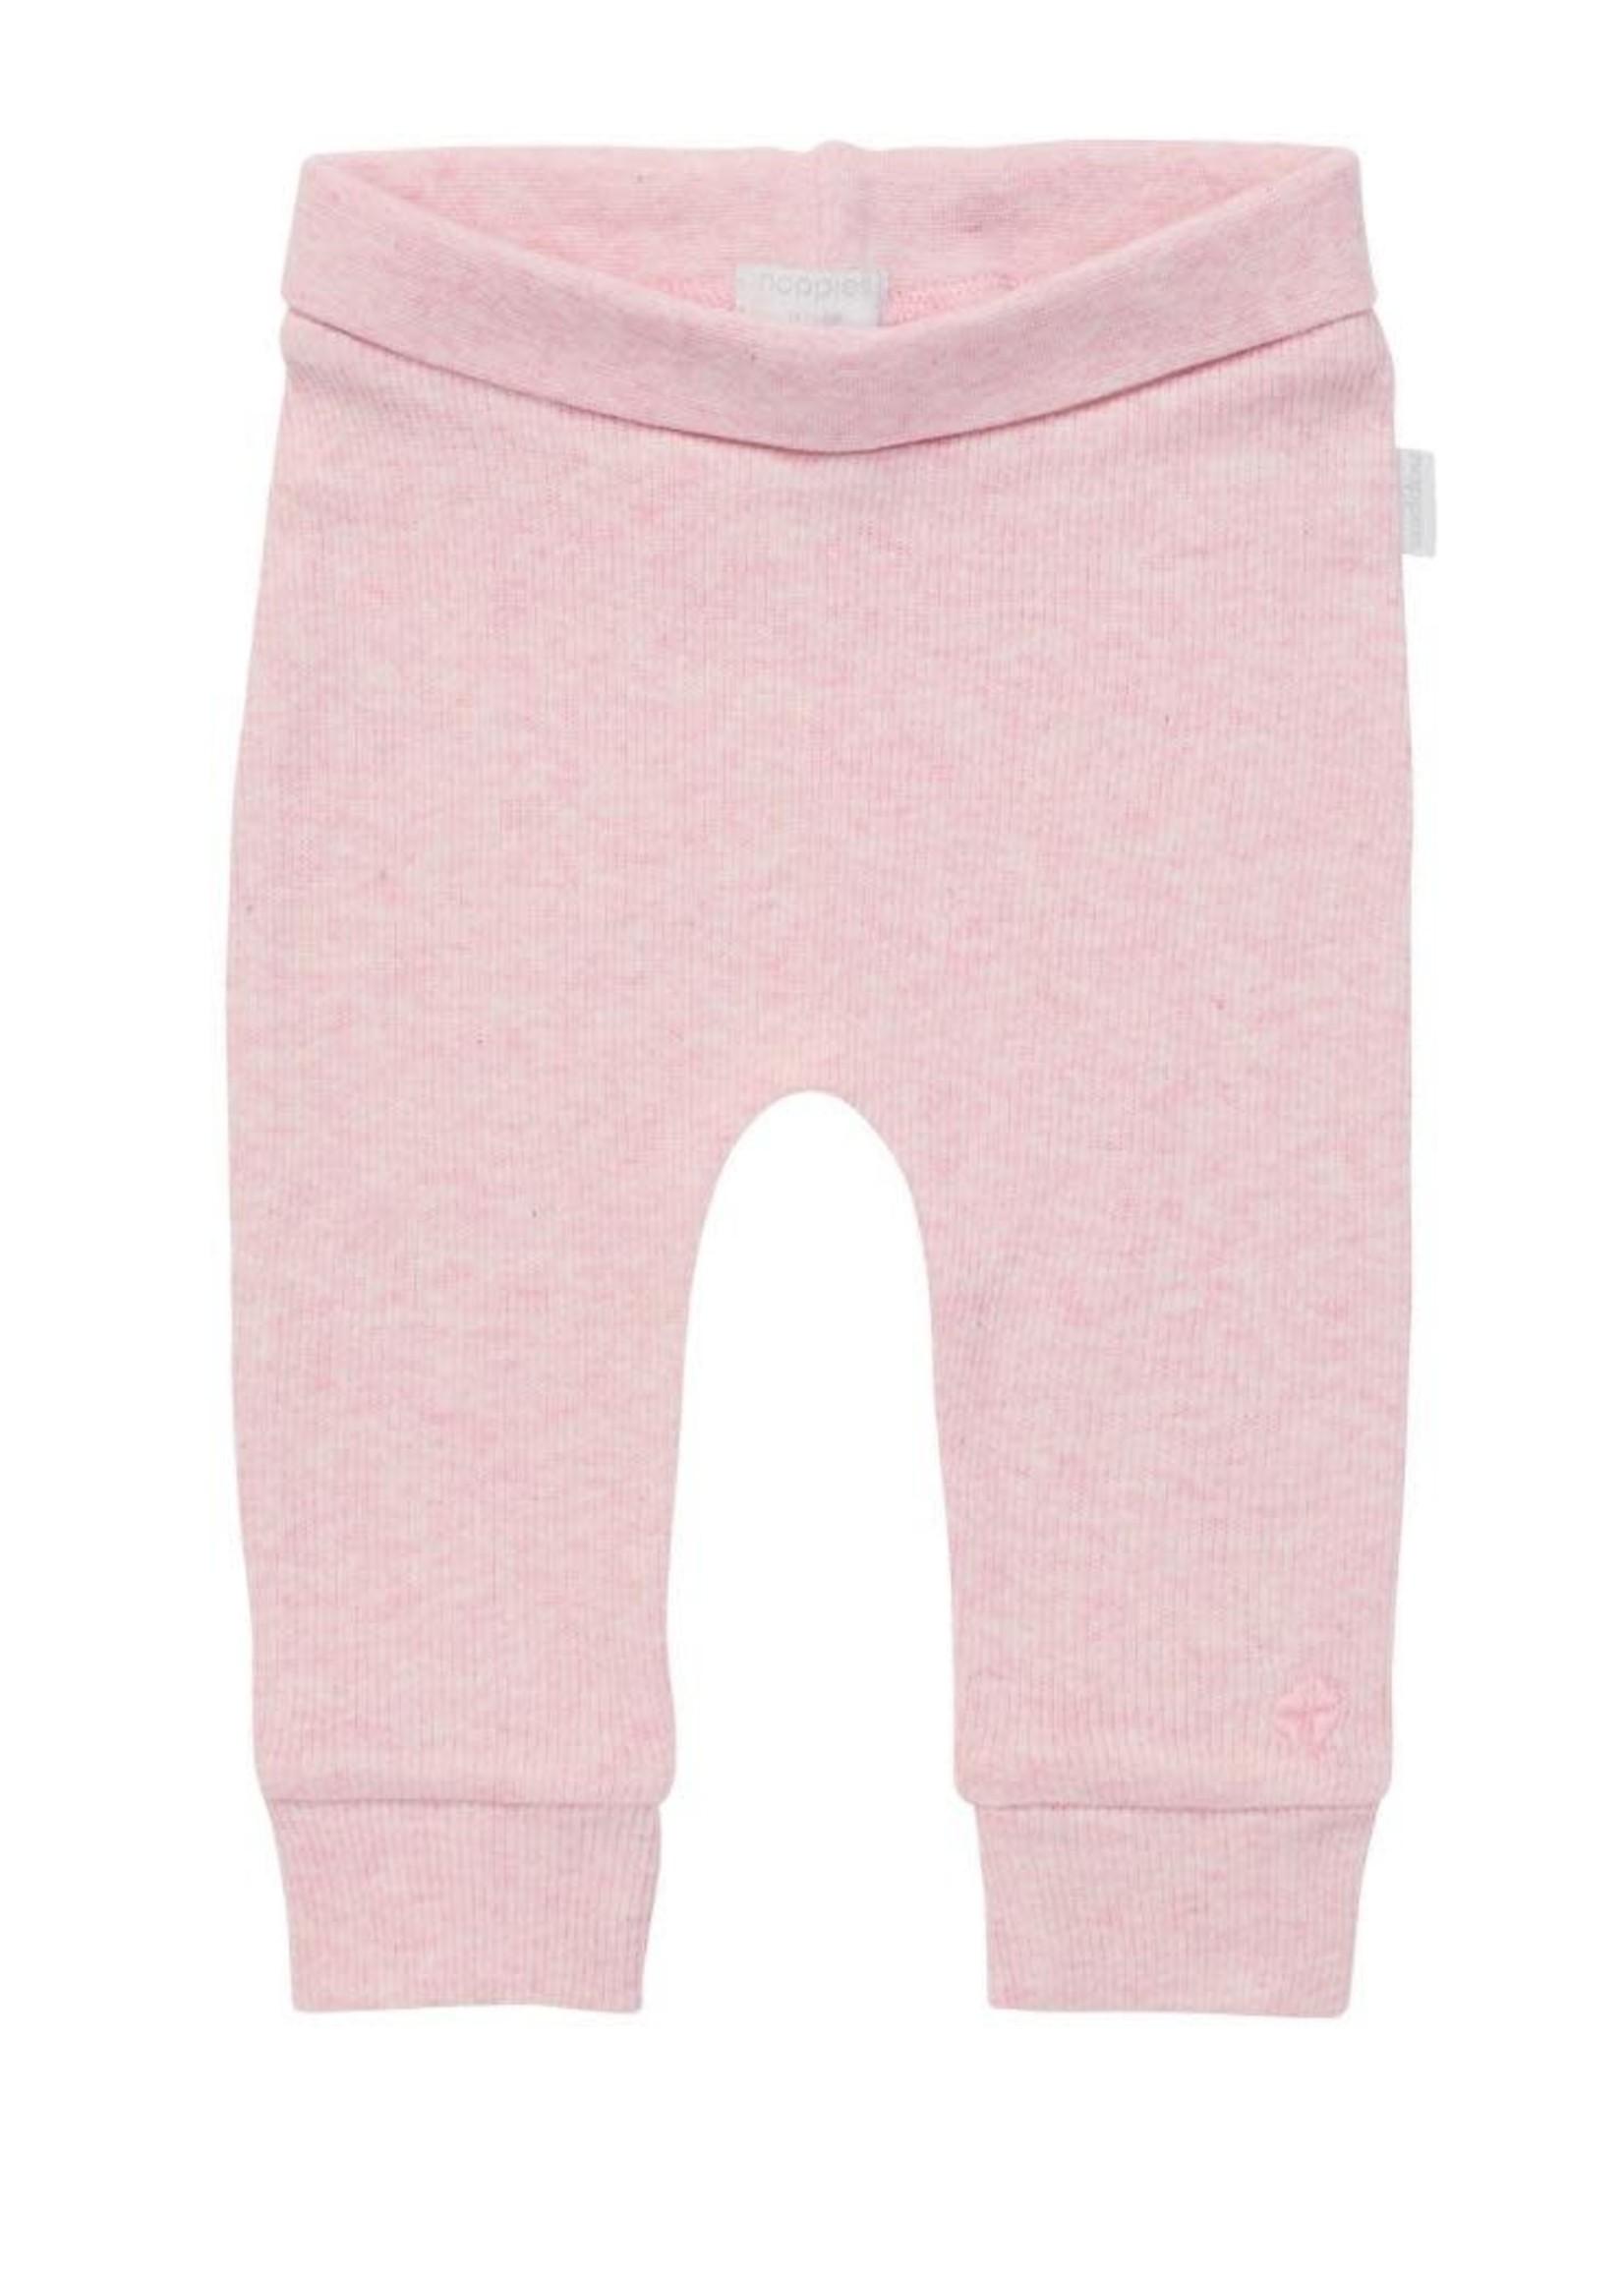 Noppies Kids Noppies Kids, Naura Ribbed Pants in Light Rose